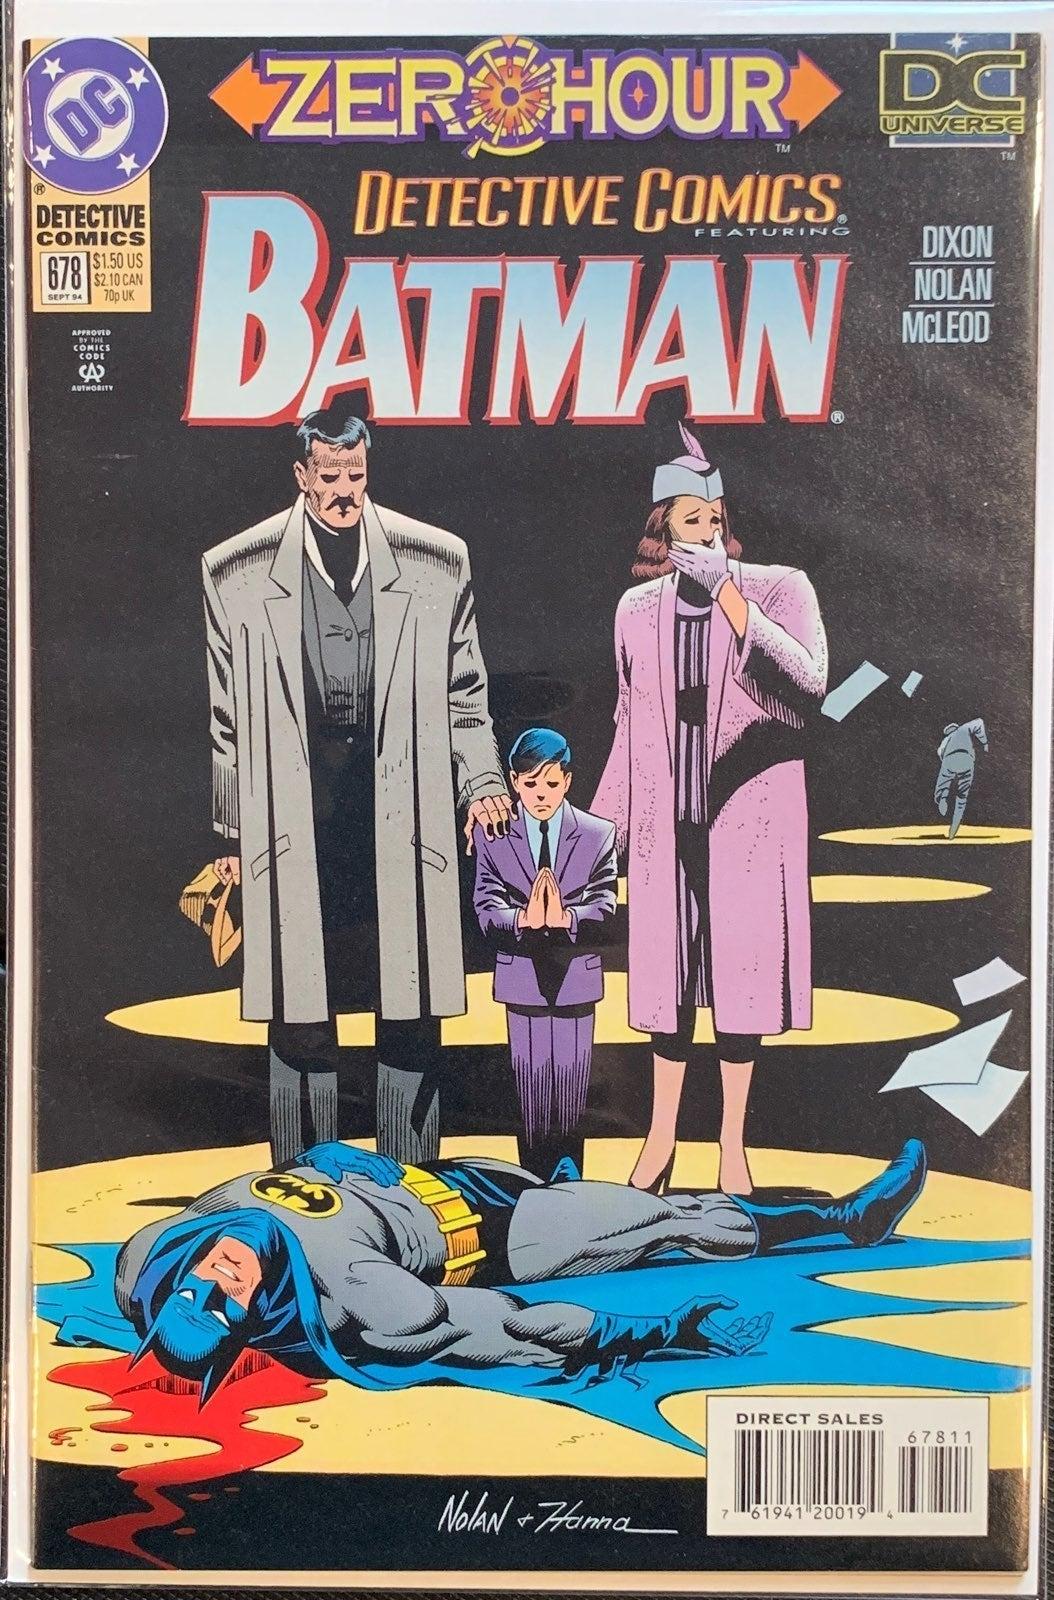 BATMAN Det.Comics #678 New Logo